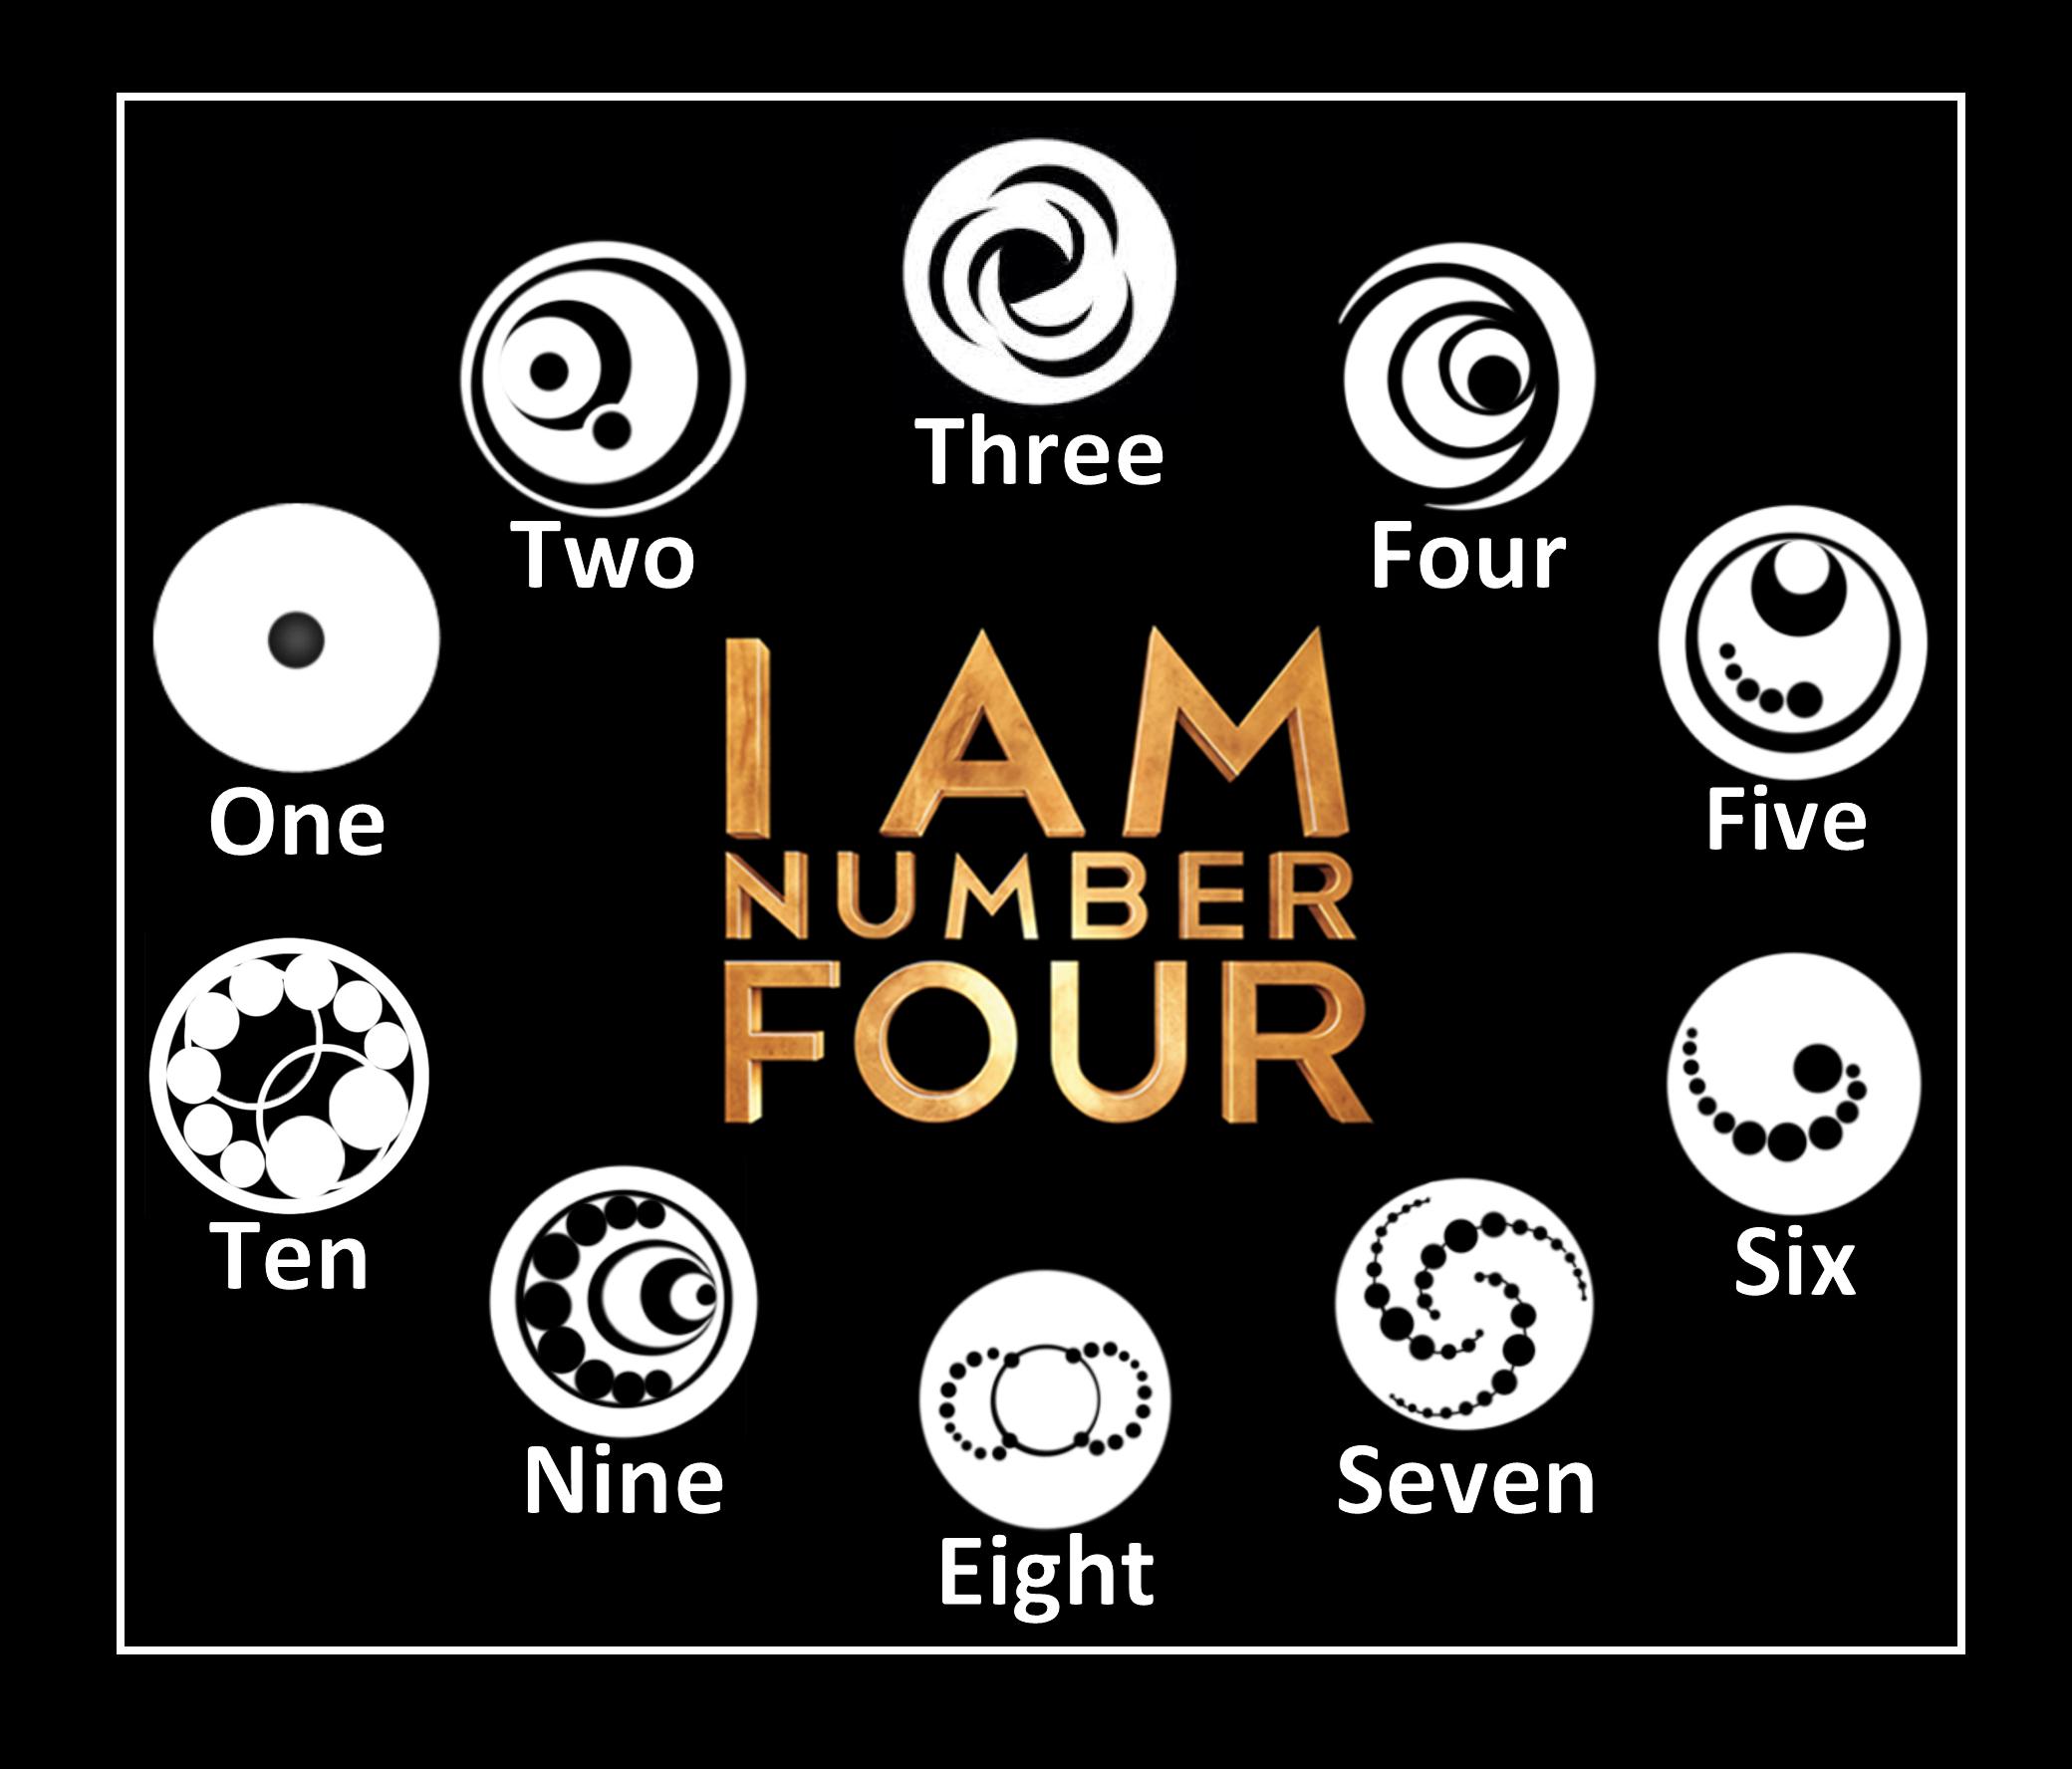 I Am Number 4 I Am Number Four Symbols For Desktop Computer